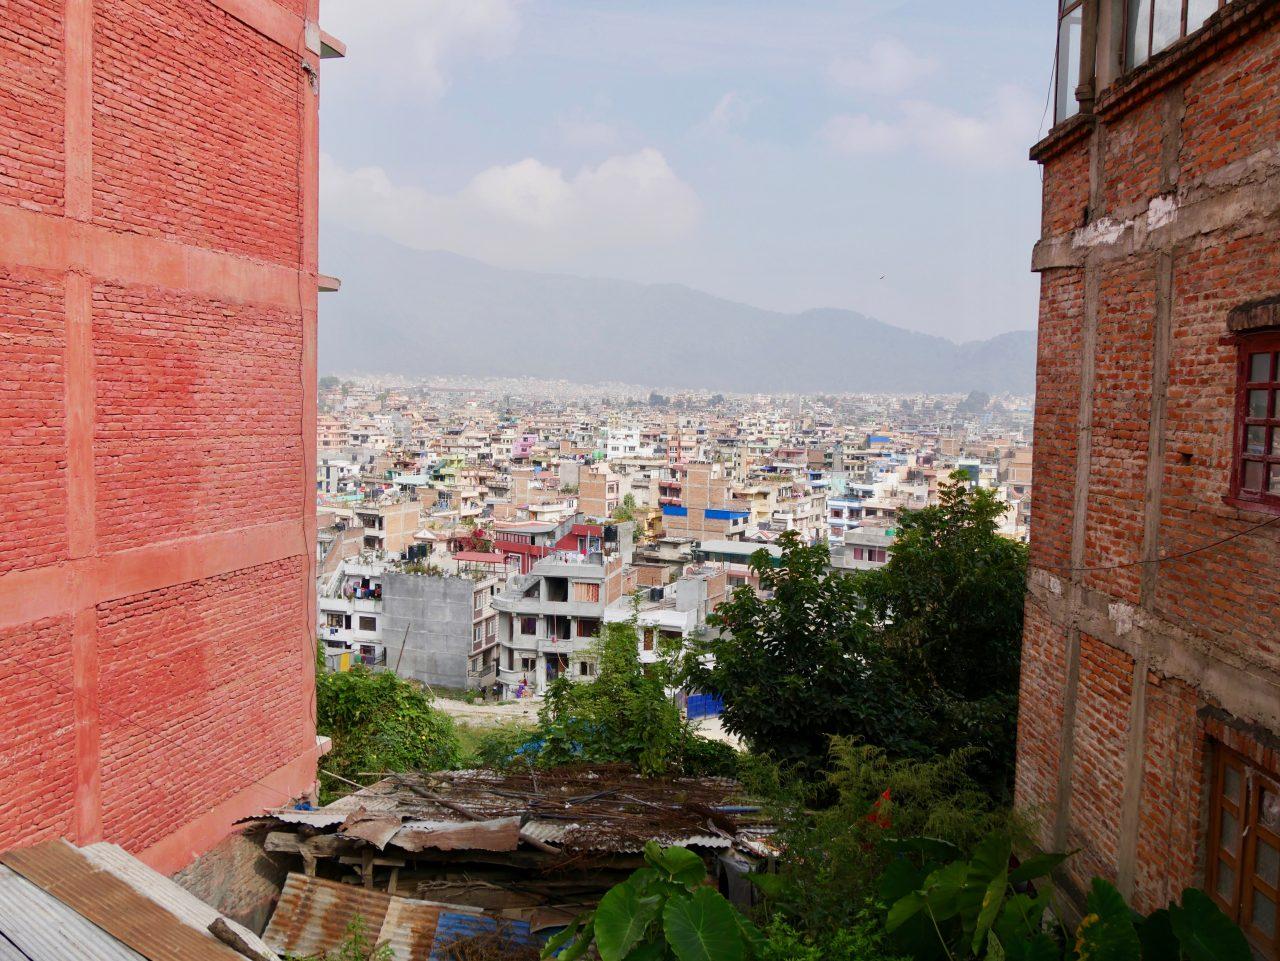 Auf dem Weg zum Affentempel, Kathmandu, Nepal